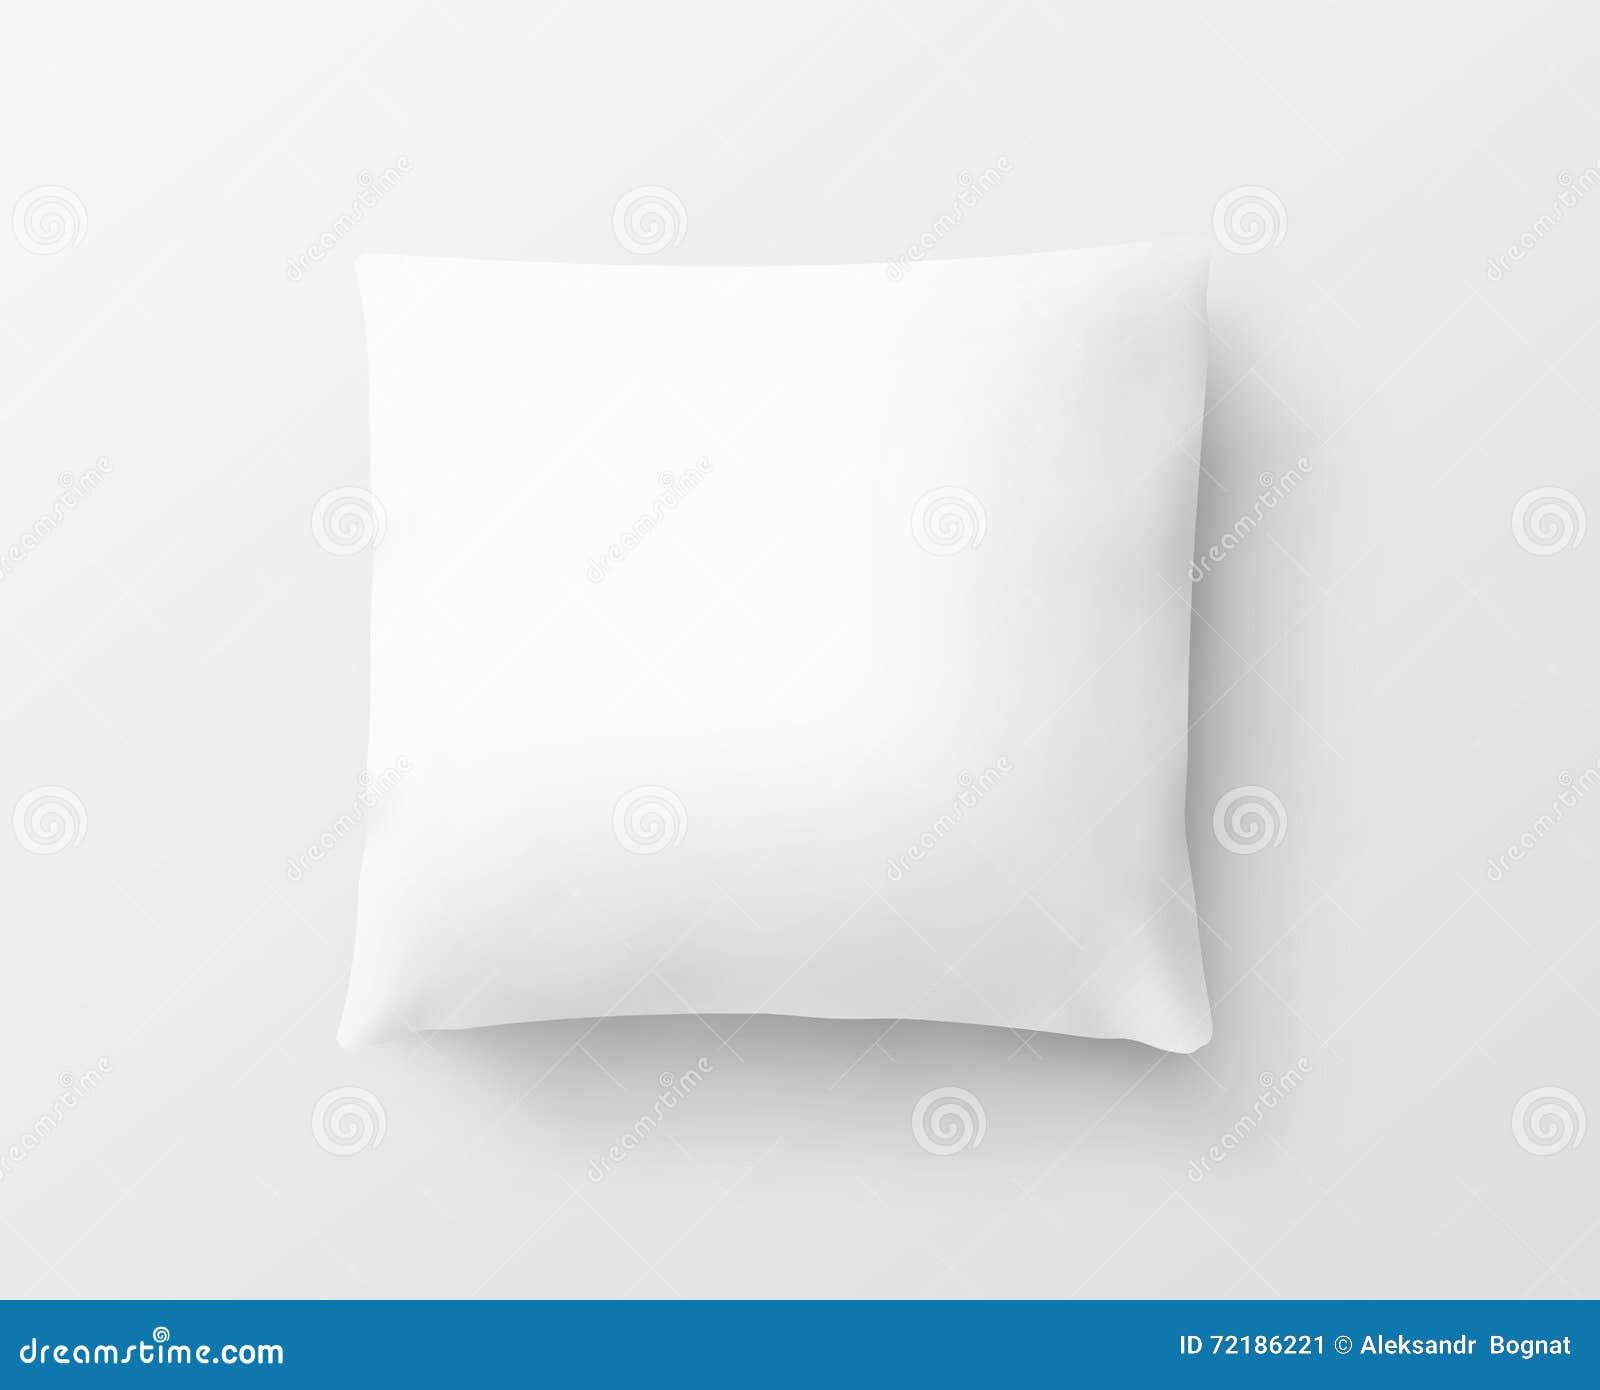 Пустой белый модель-макет дизайна случая подушки, путь клиппирования, иллюстрация 3d